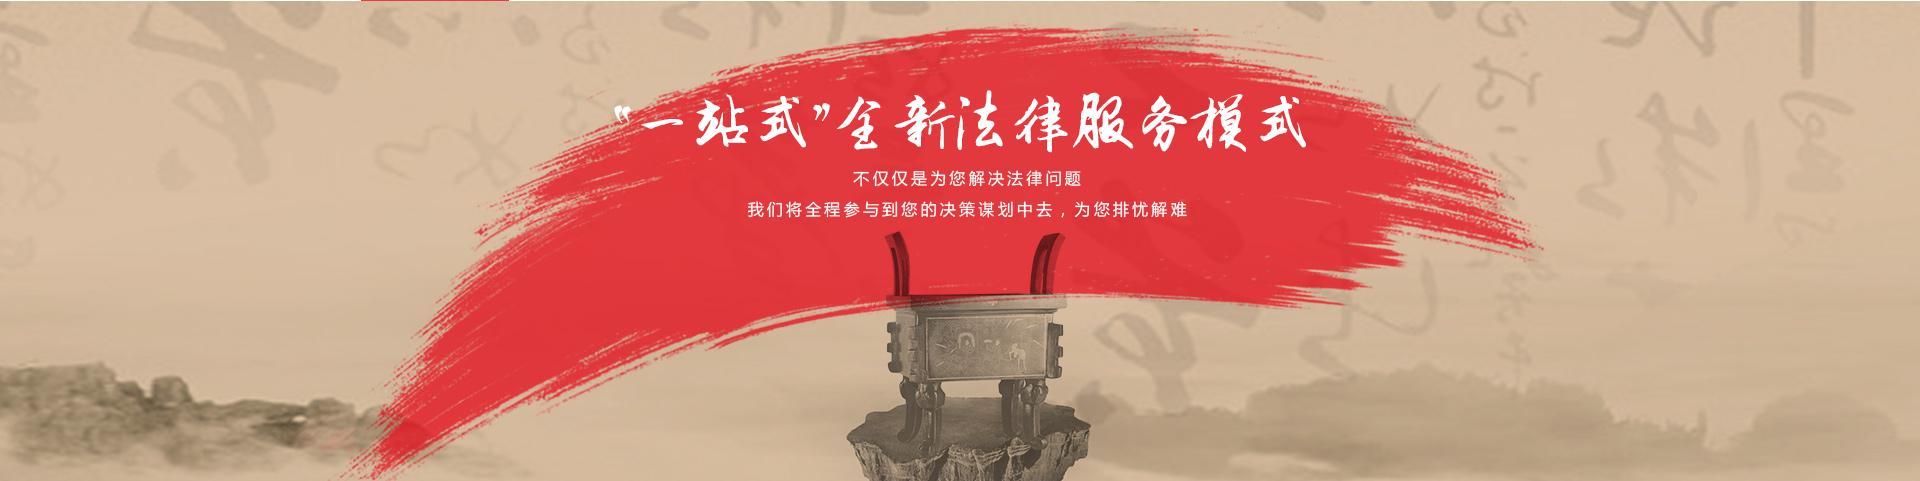 京师(昆明)律师事务所-专业律师团队